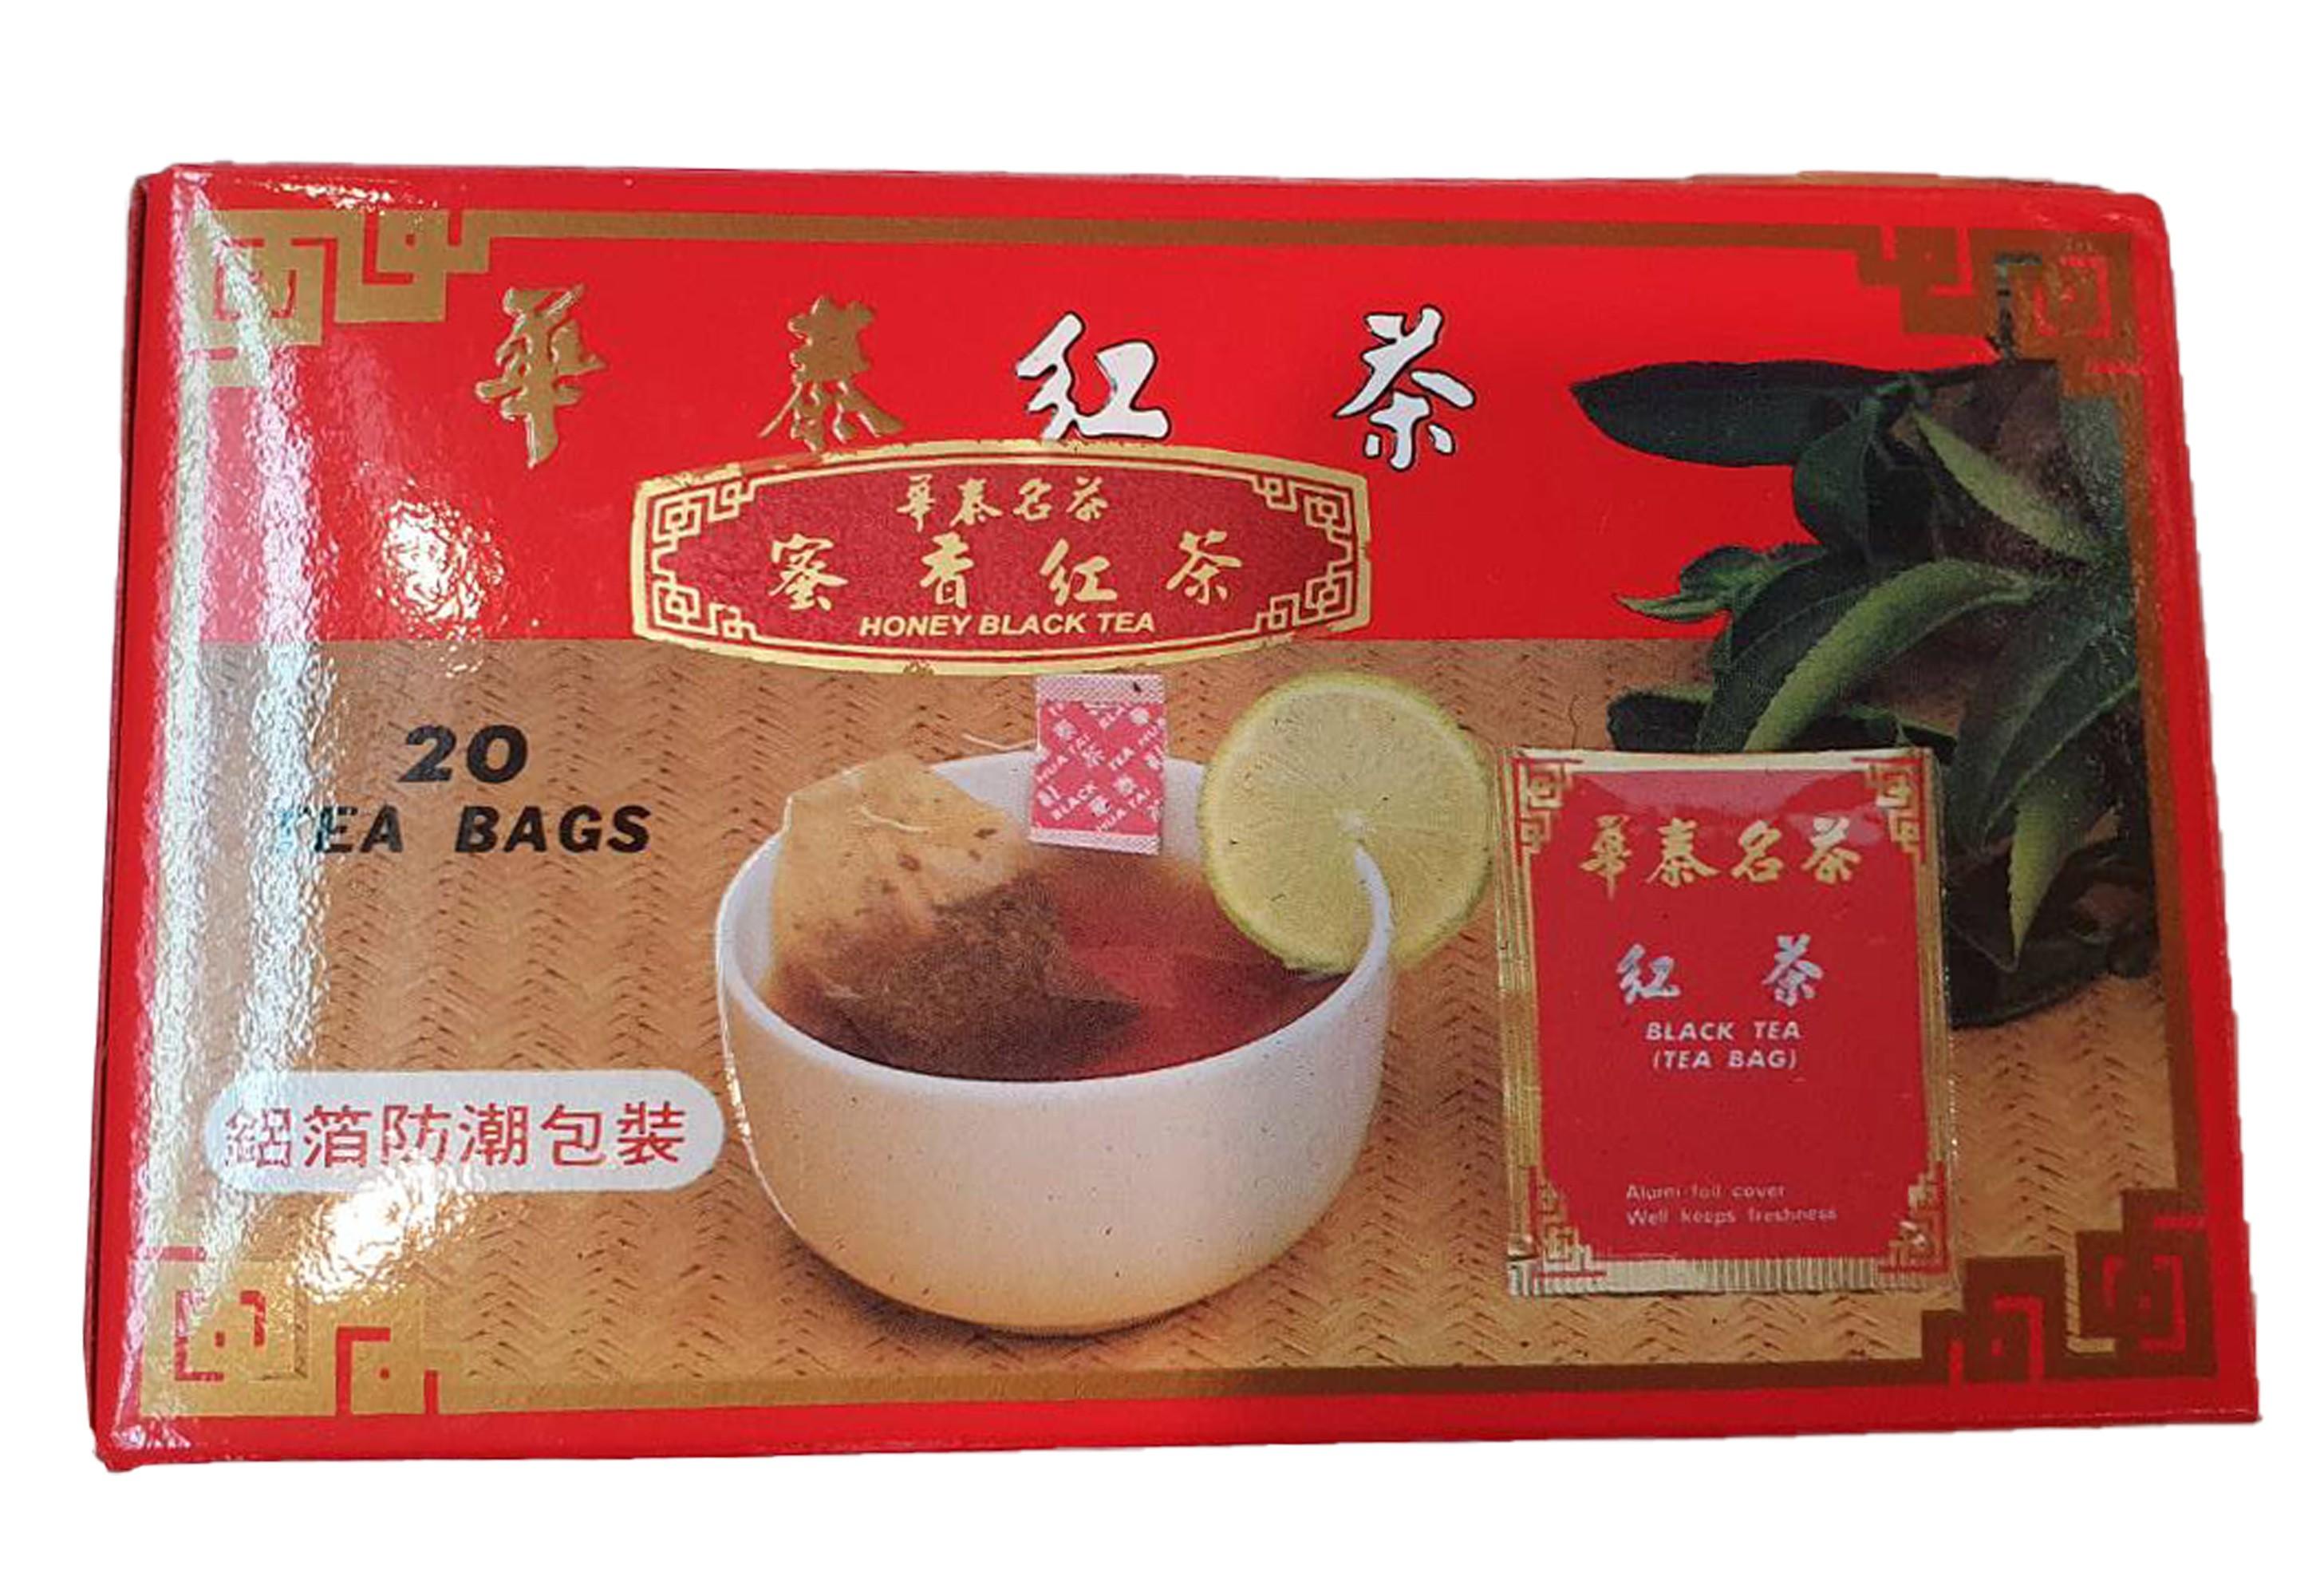 「華泰茶莊」蜜香紅茶茶包 20包  每包2g